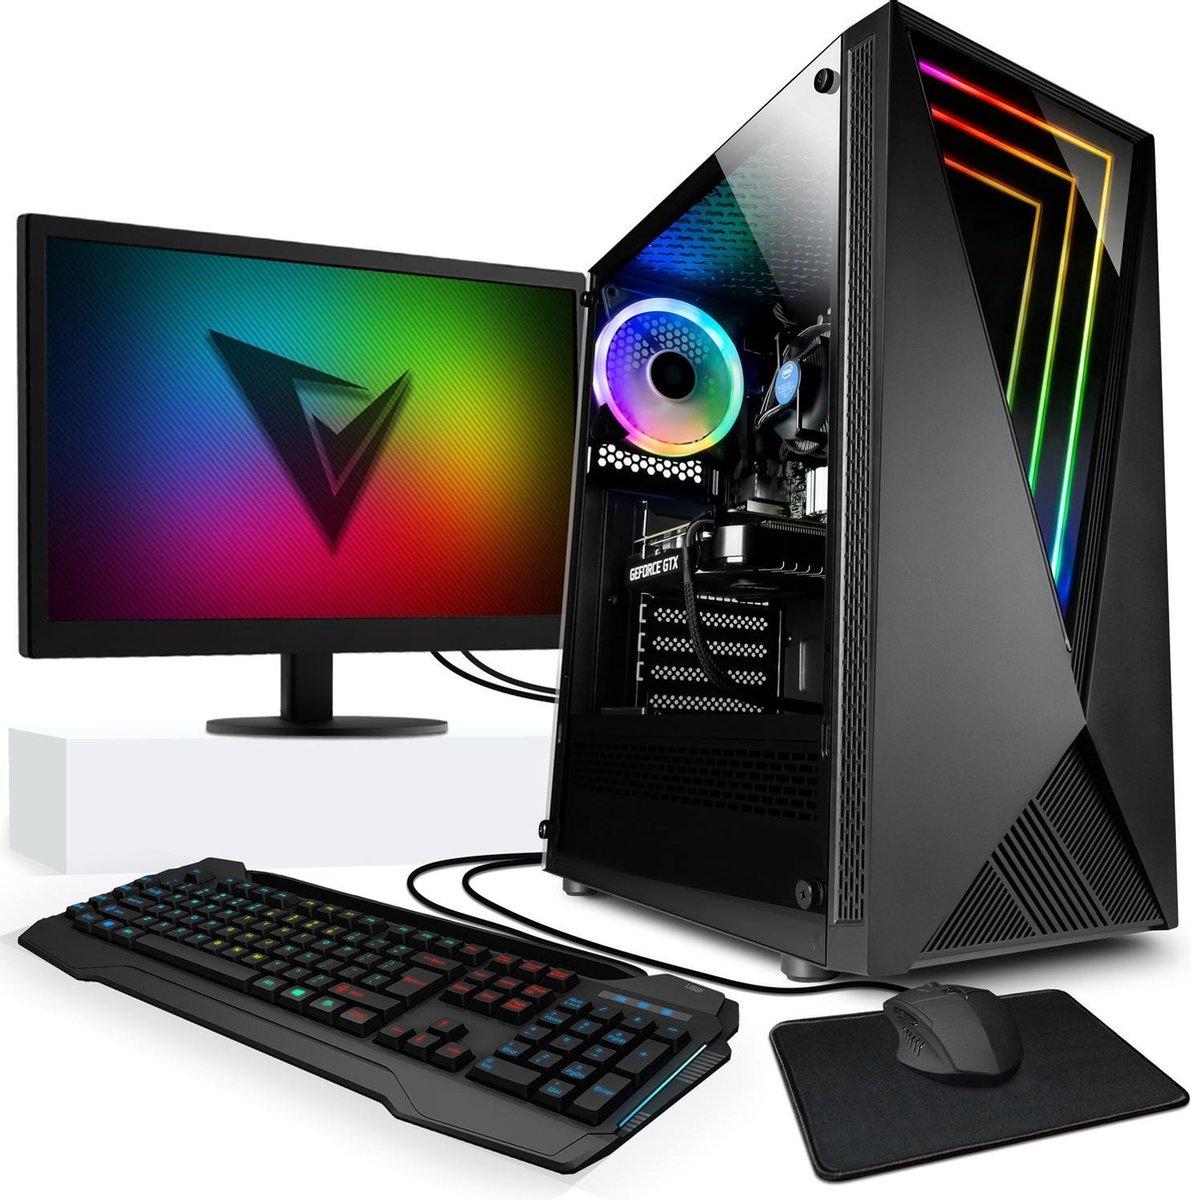 Vibox Gaming Desktop 4-4 – Game PC